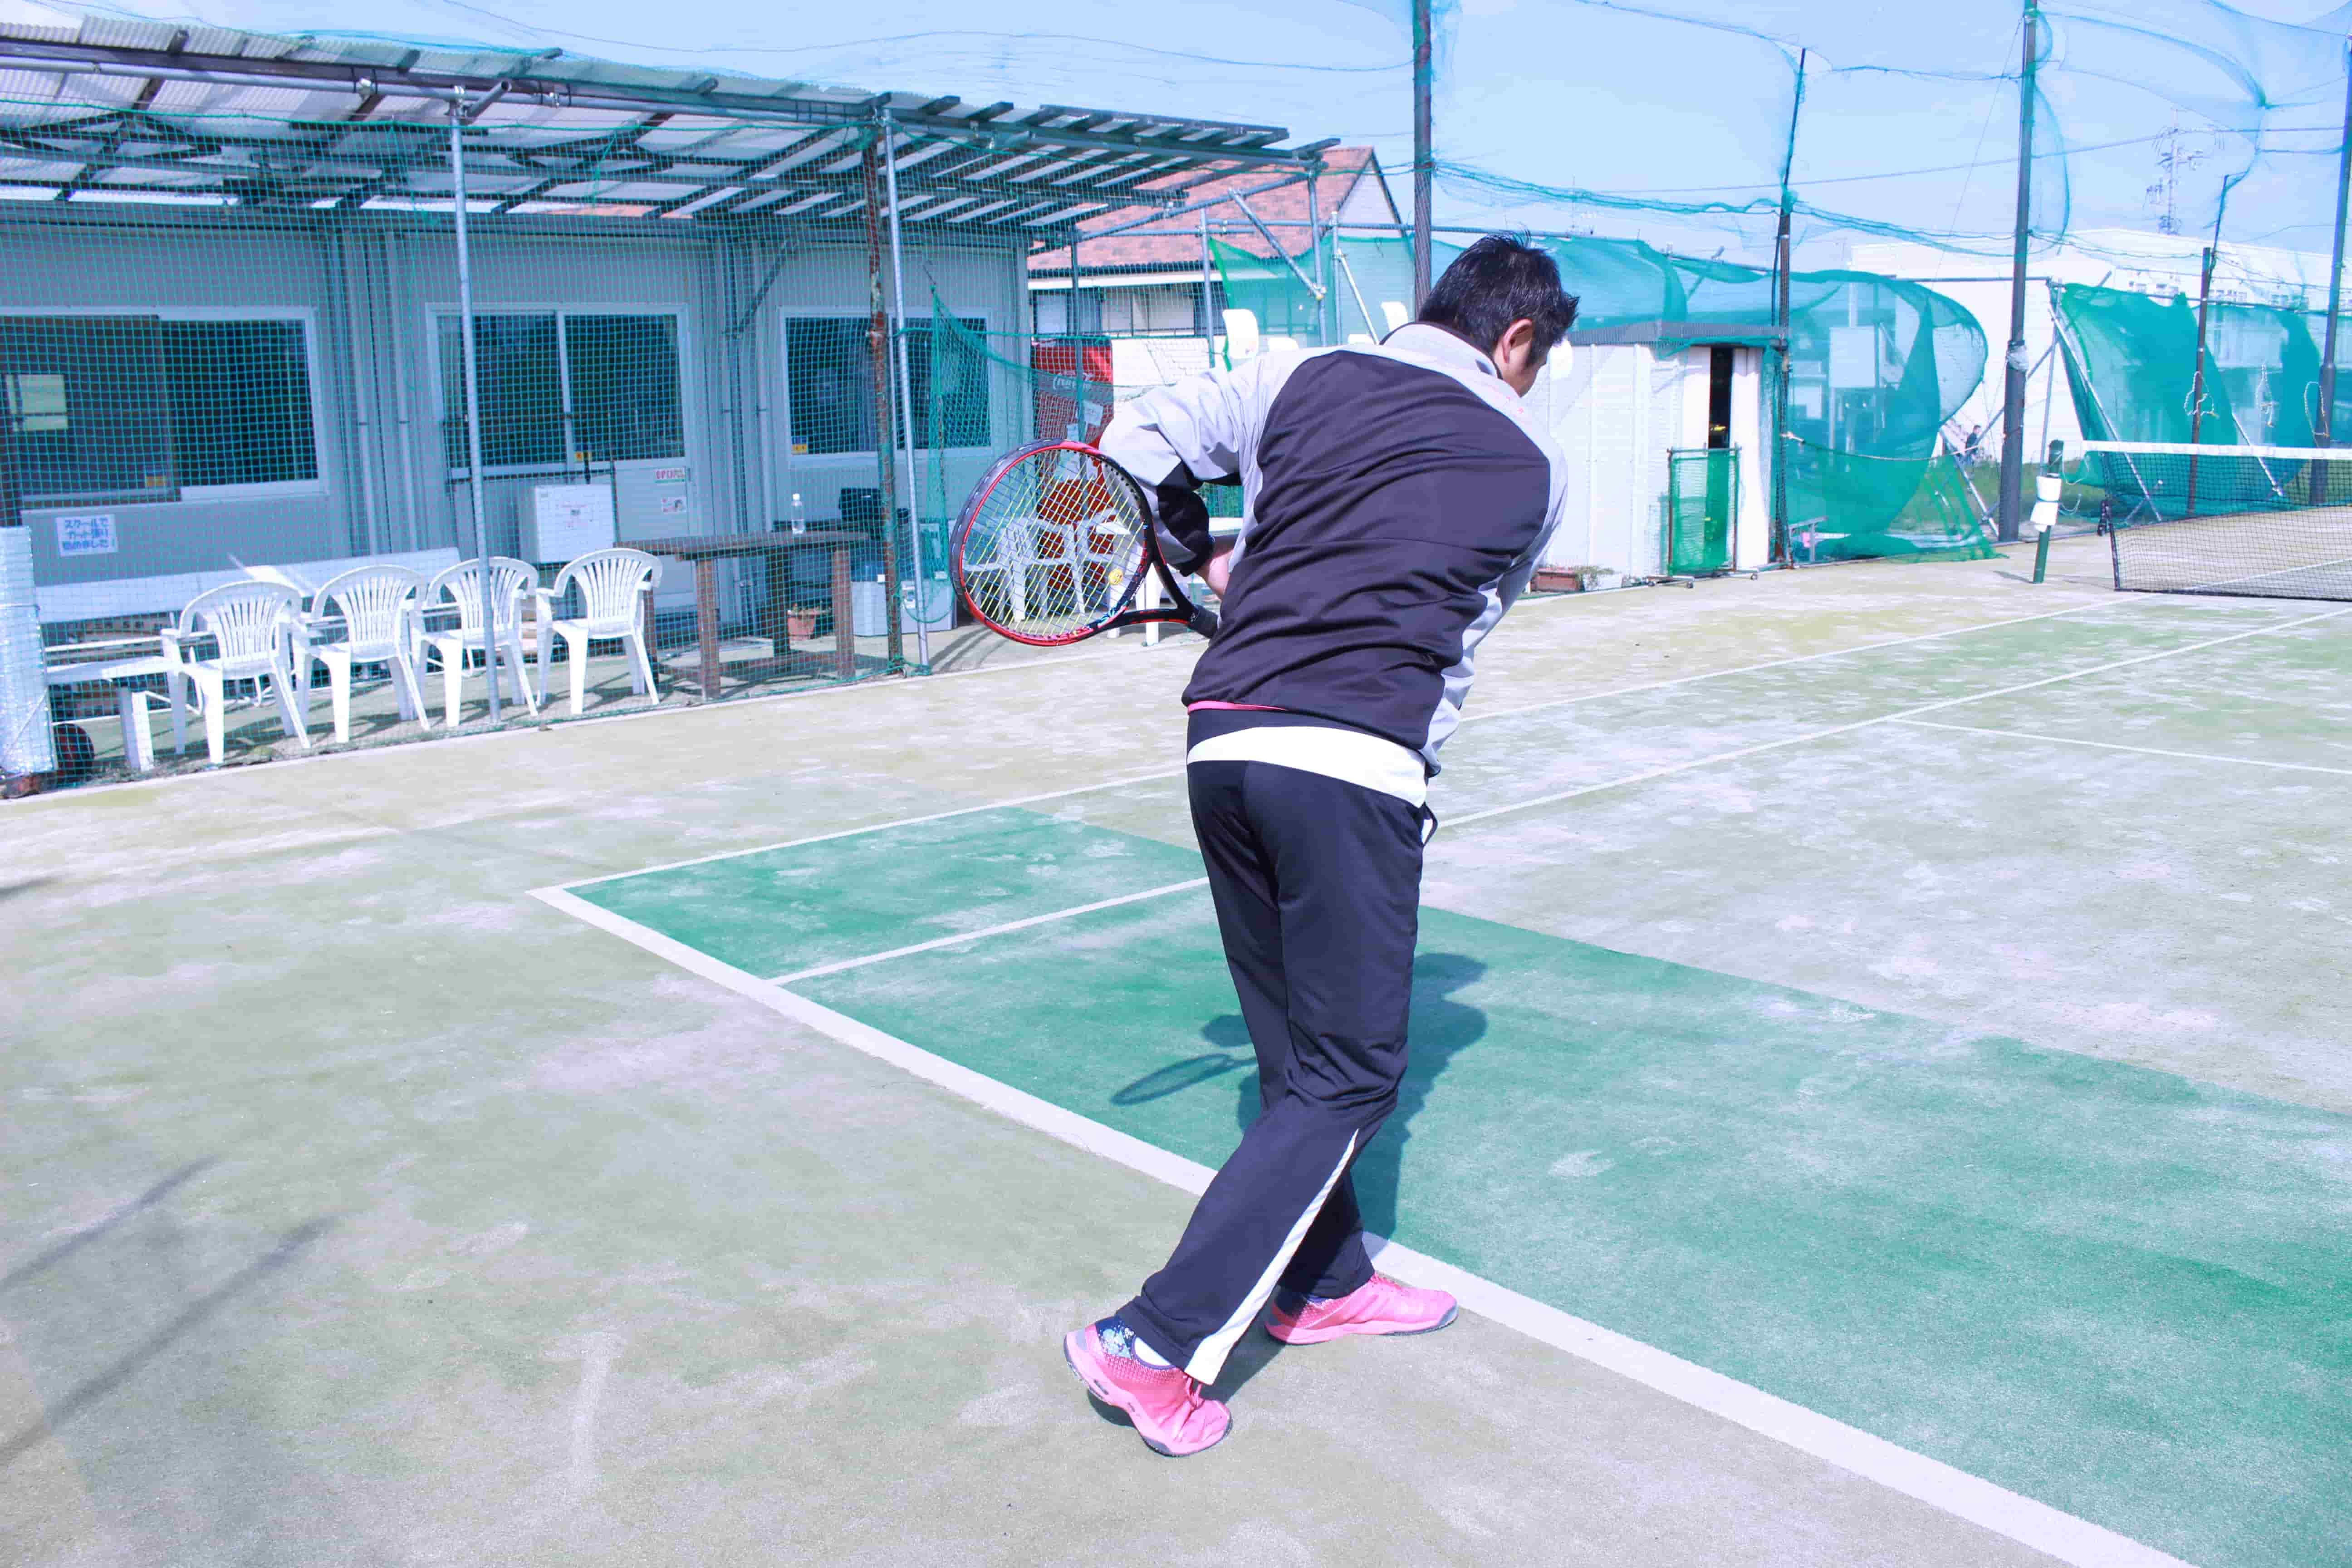 テニスのサーブ、打ち方 コツ 初心者